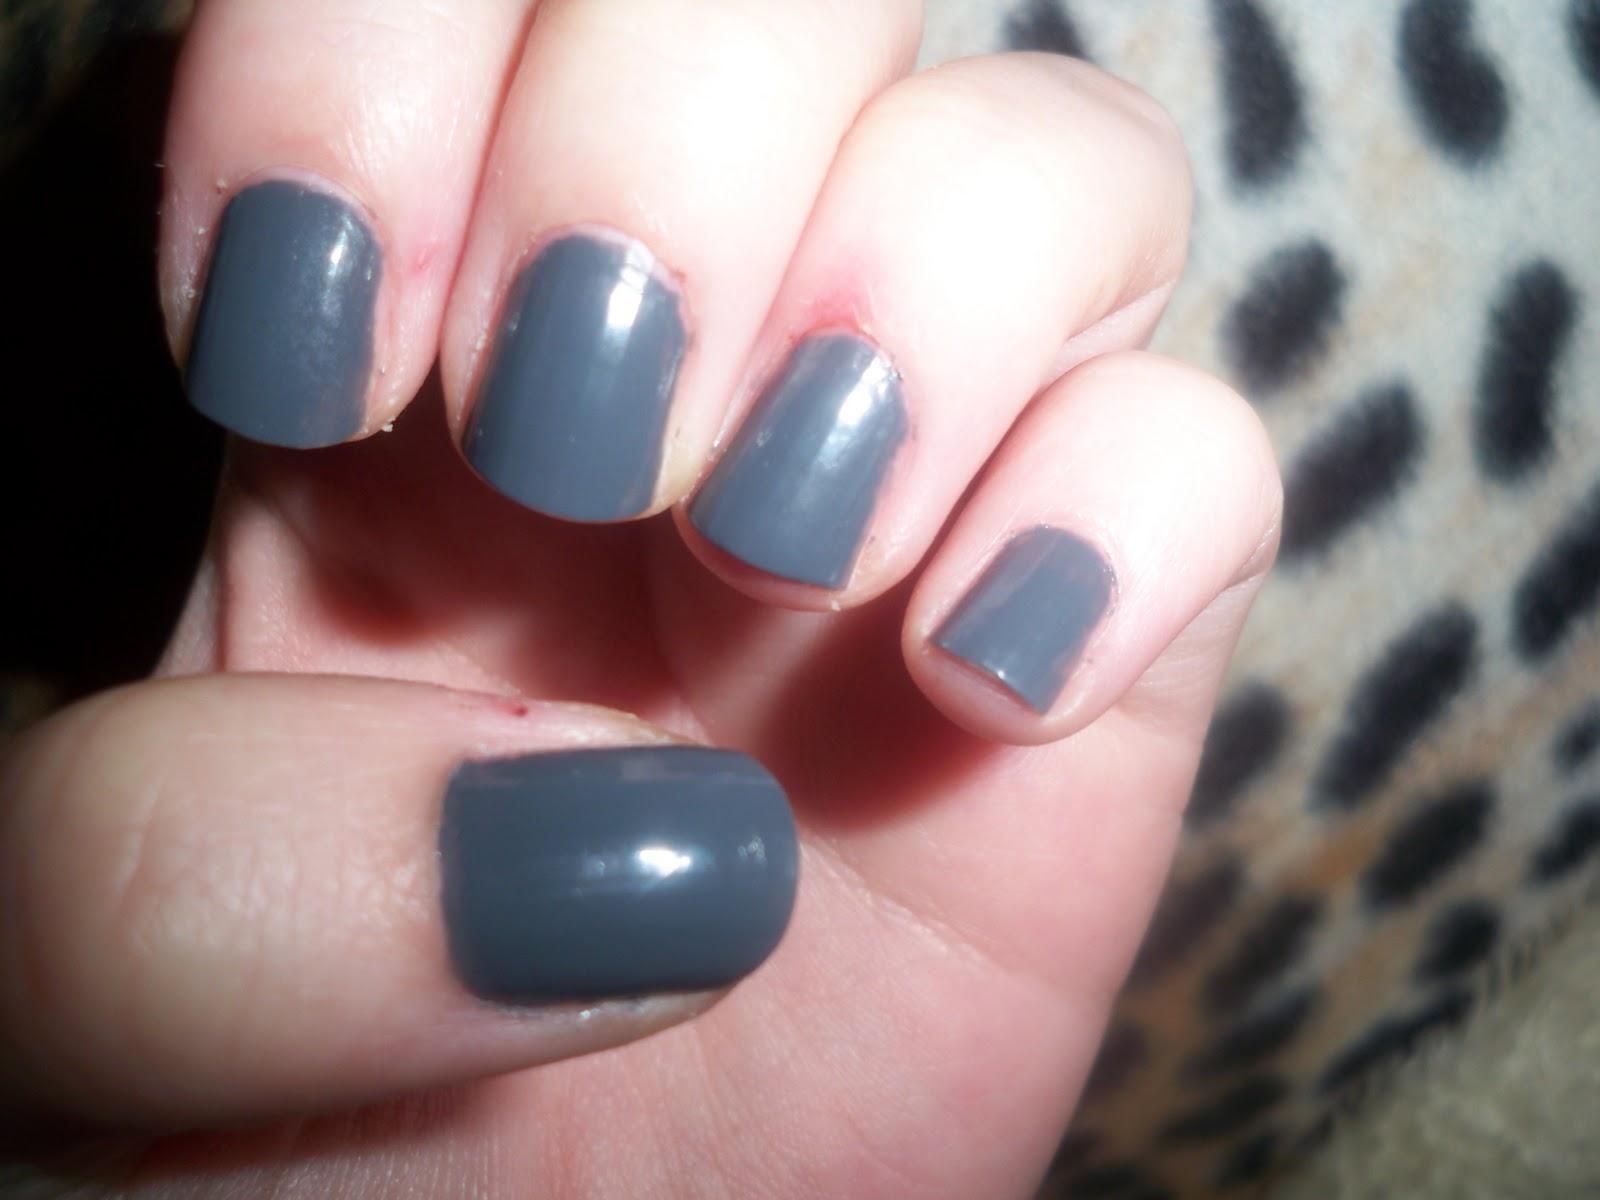 Life in the City: New dark gray nail polish!